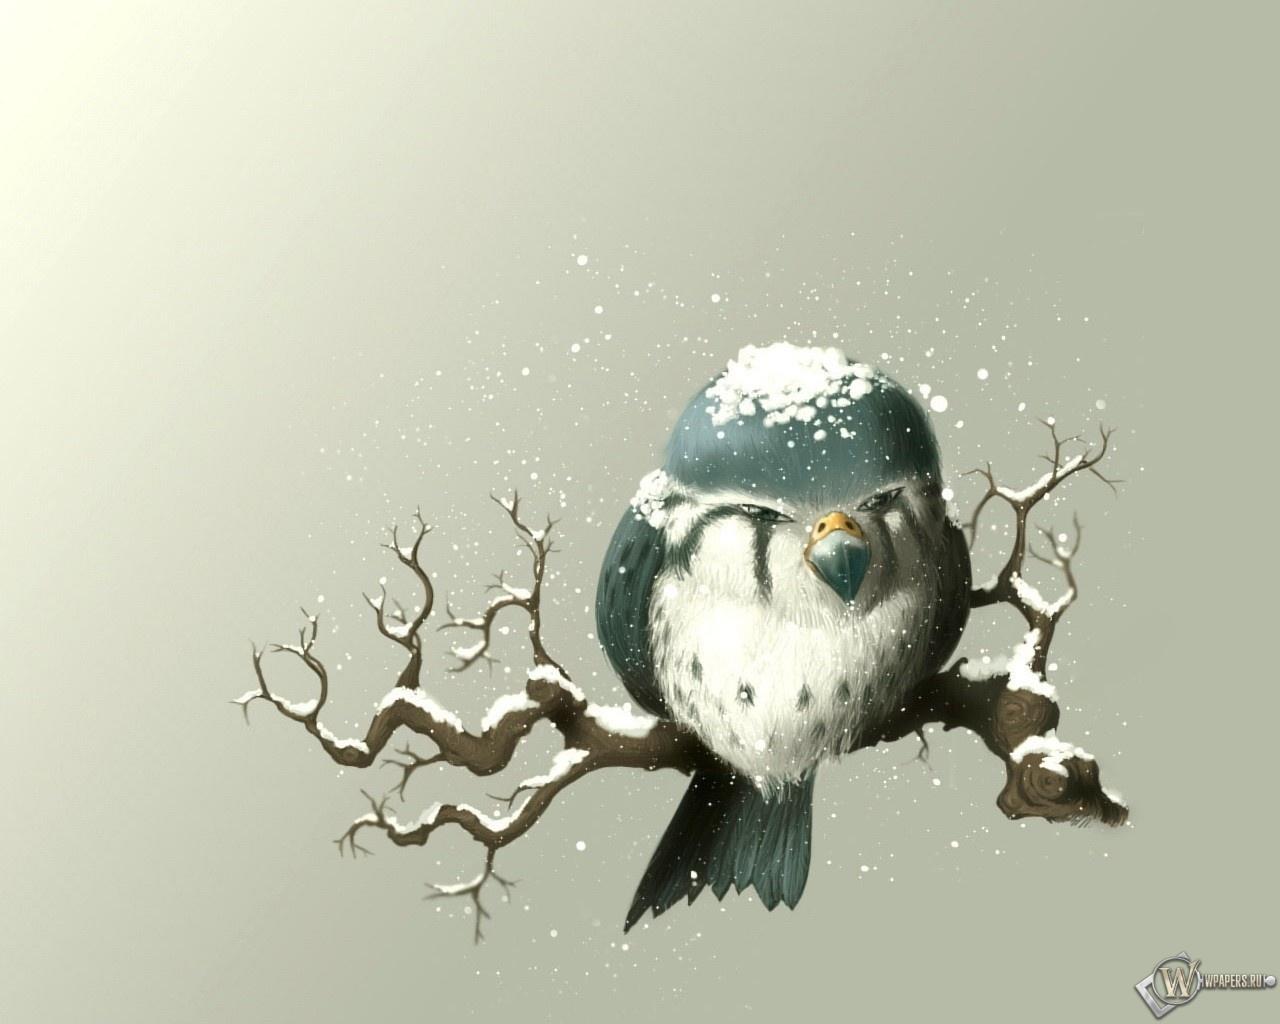 Снегирь 1280x1024